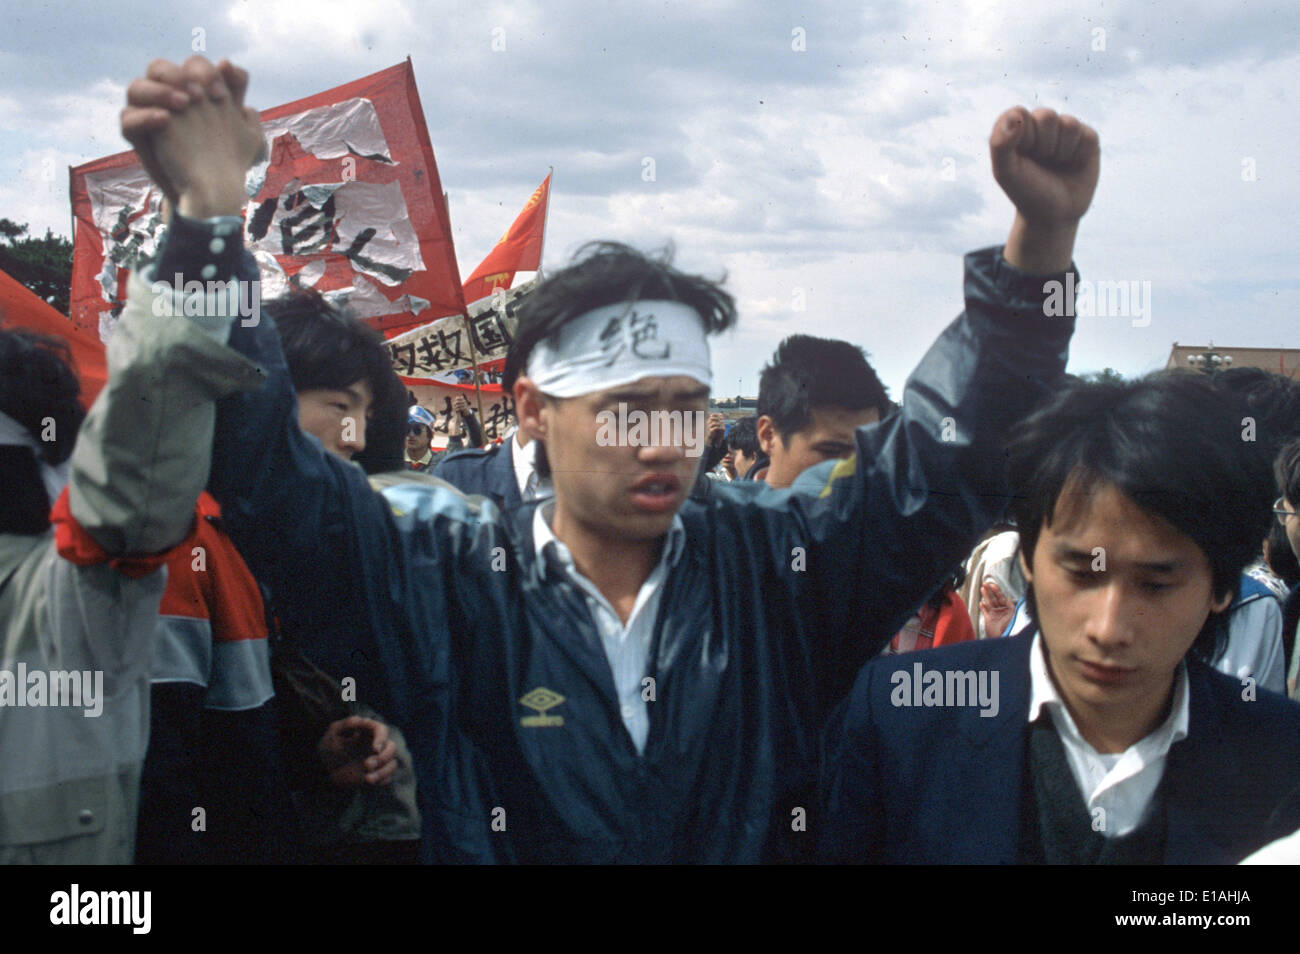 (Datei) - ein Archiv-Bild vom 13. Mai 1989, zeigt Führer des Kursteilnehmers protestiert Wuer Kaixi protestieren Stockfoto